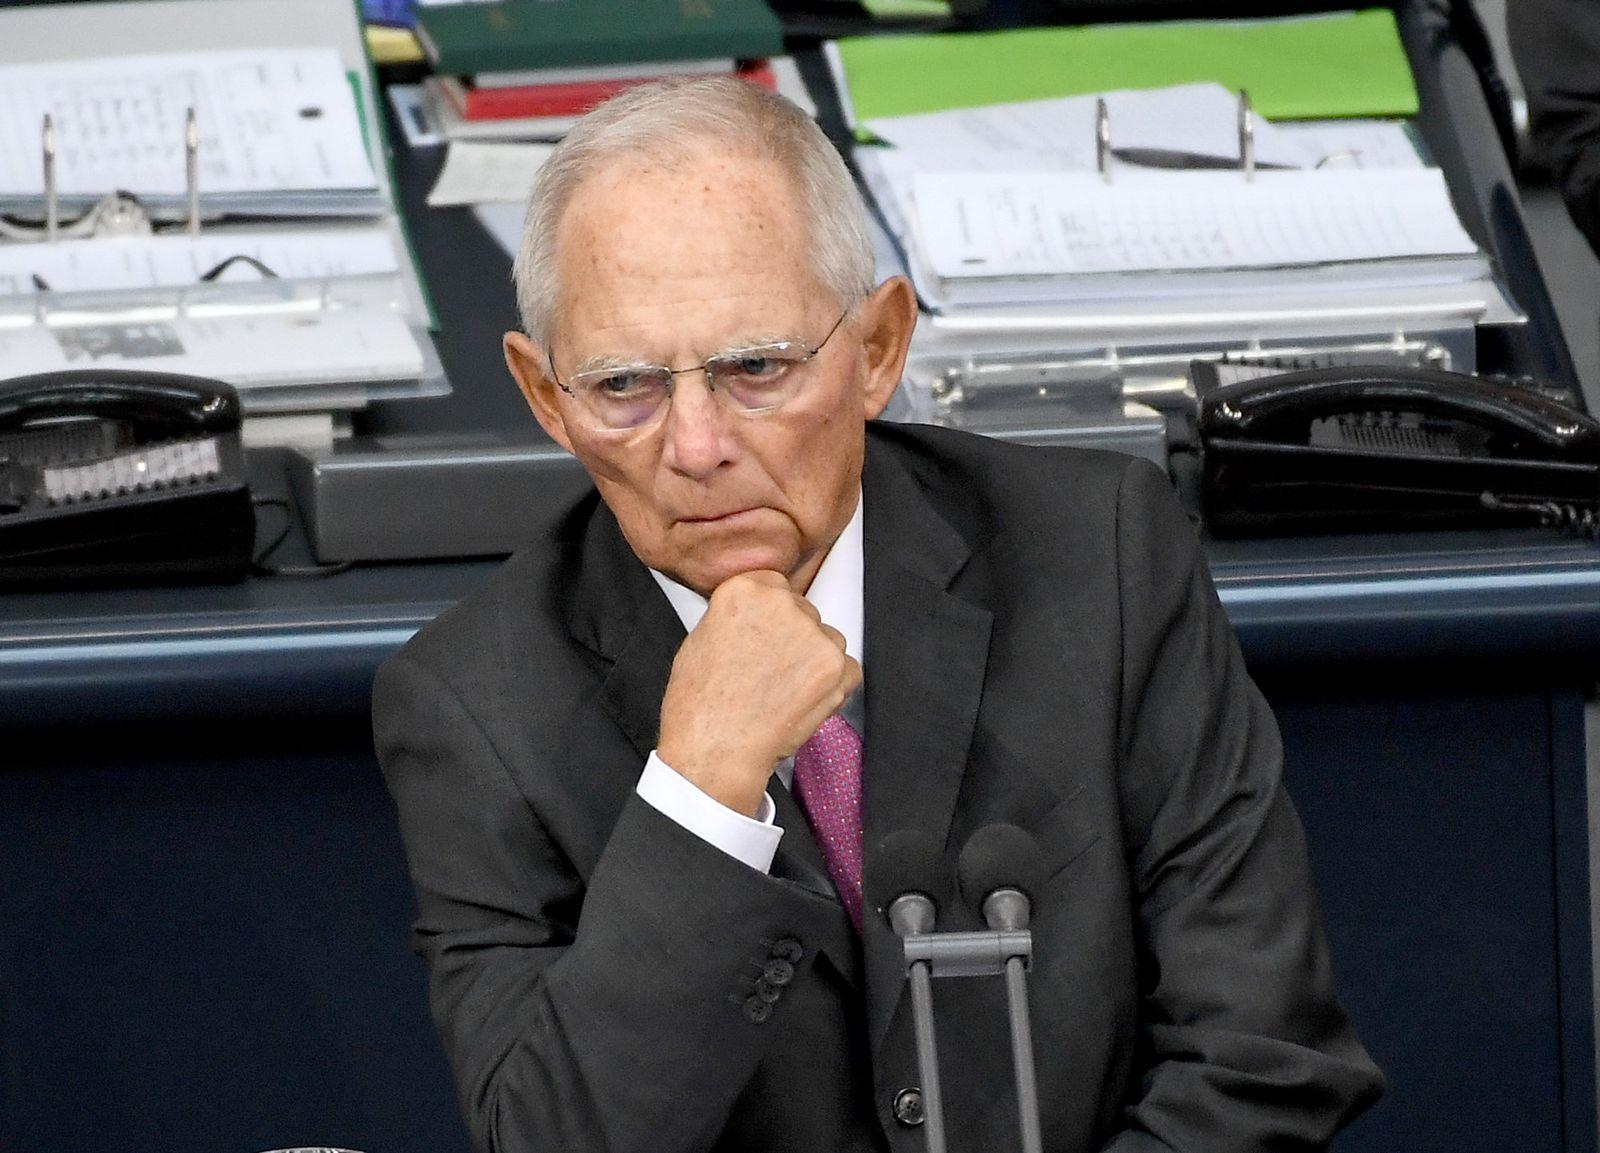 Lage Schäuble